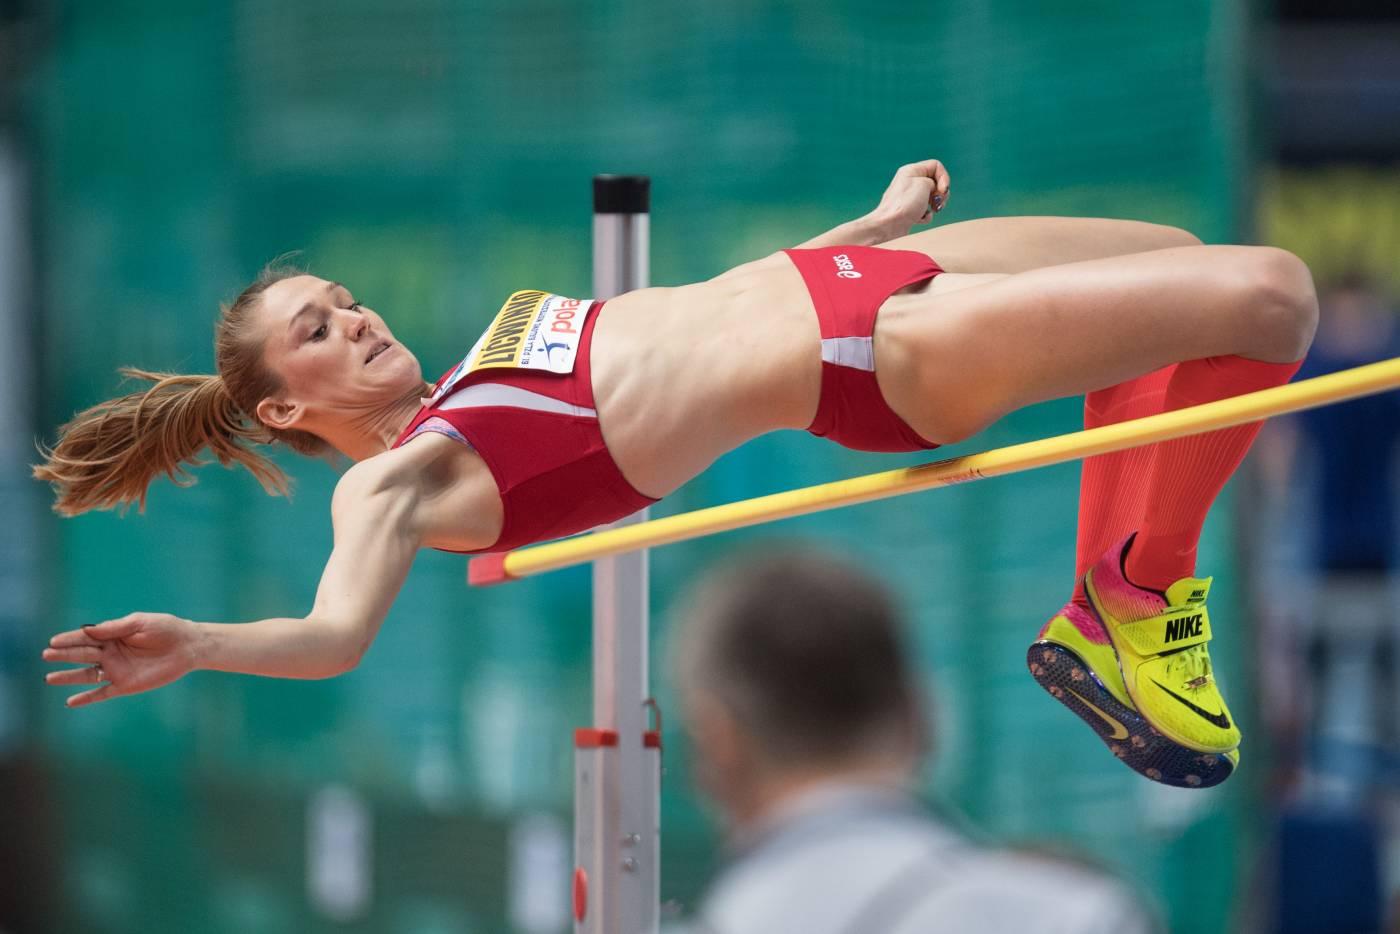 61. Halowe Mistrzostwa Polski Seniorów w lekkiej atletyce – 9 medali naszych zawodników